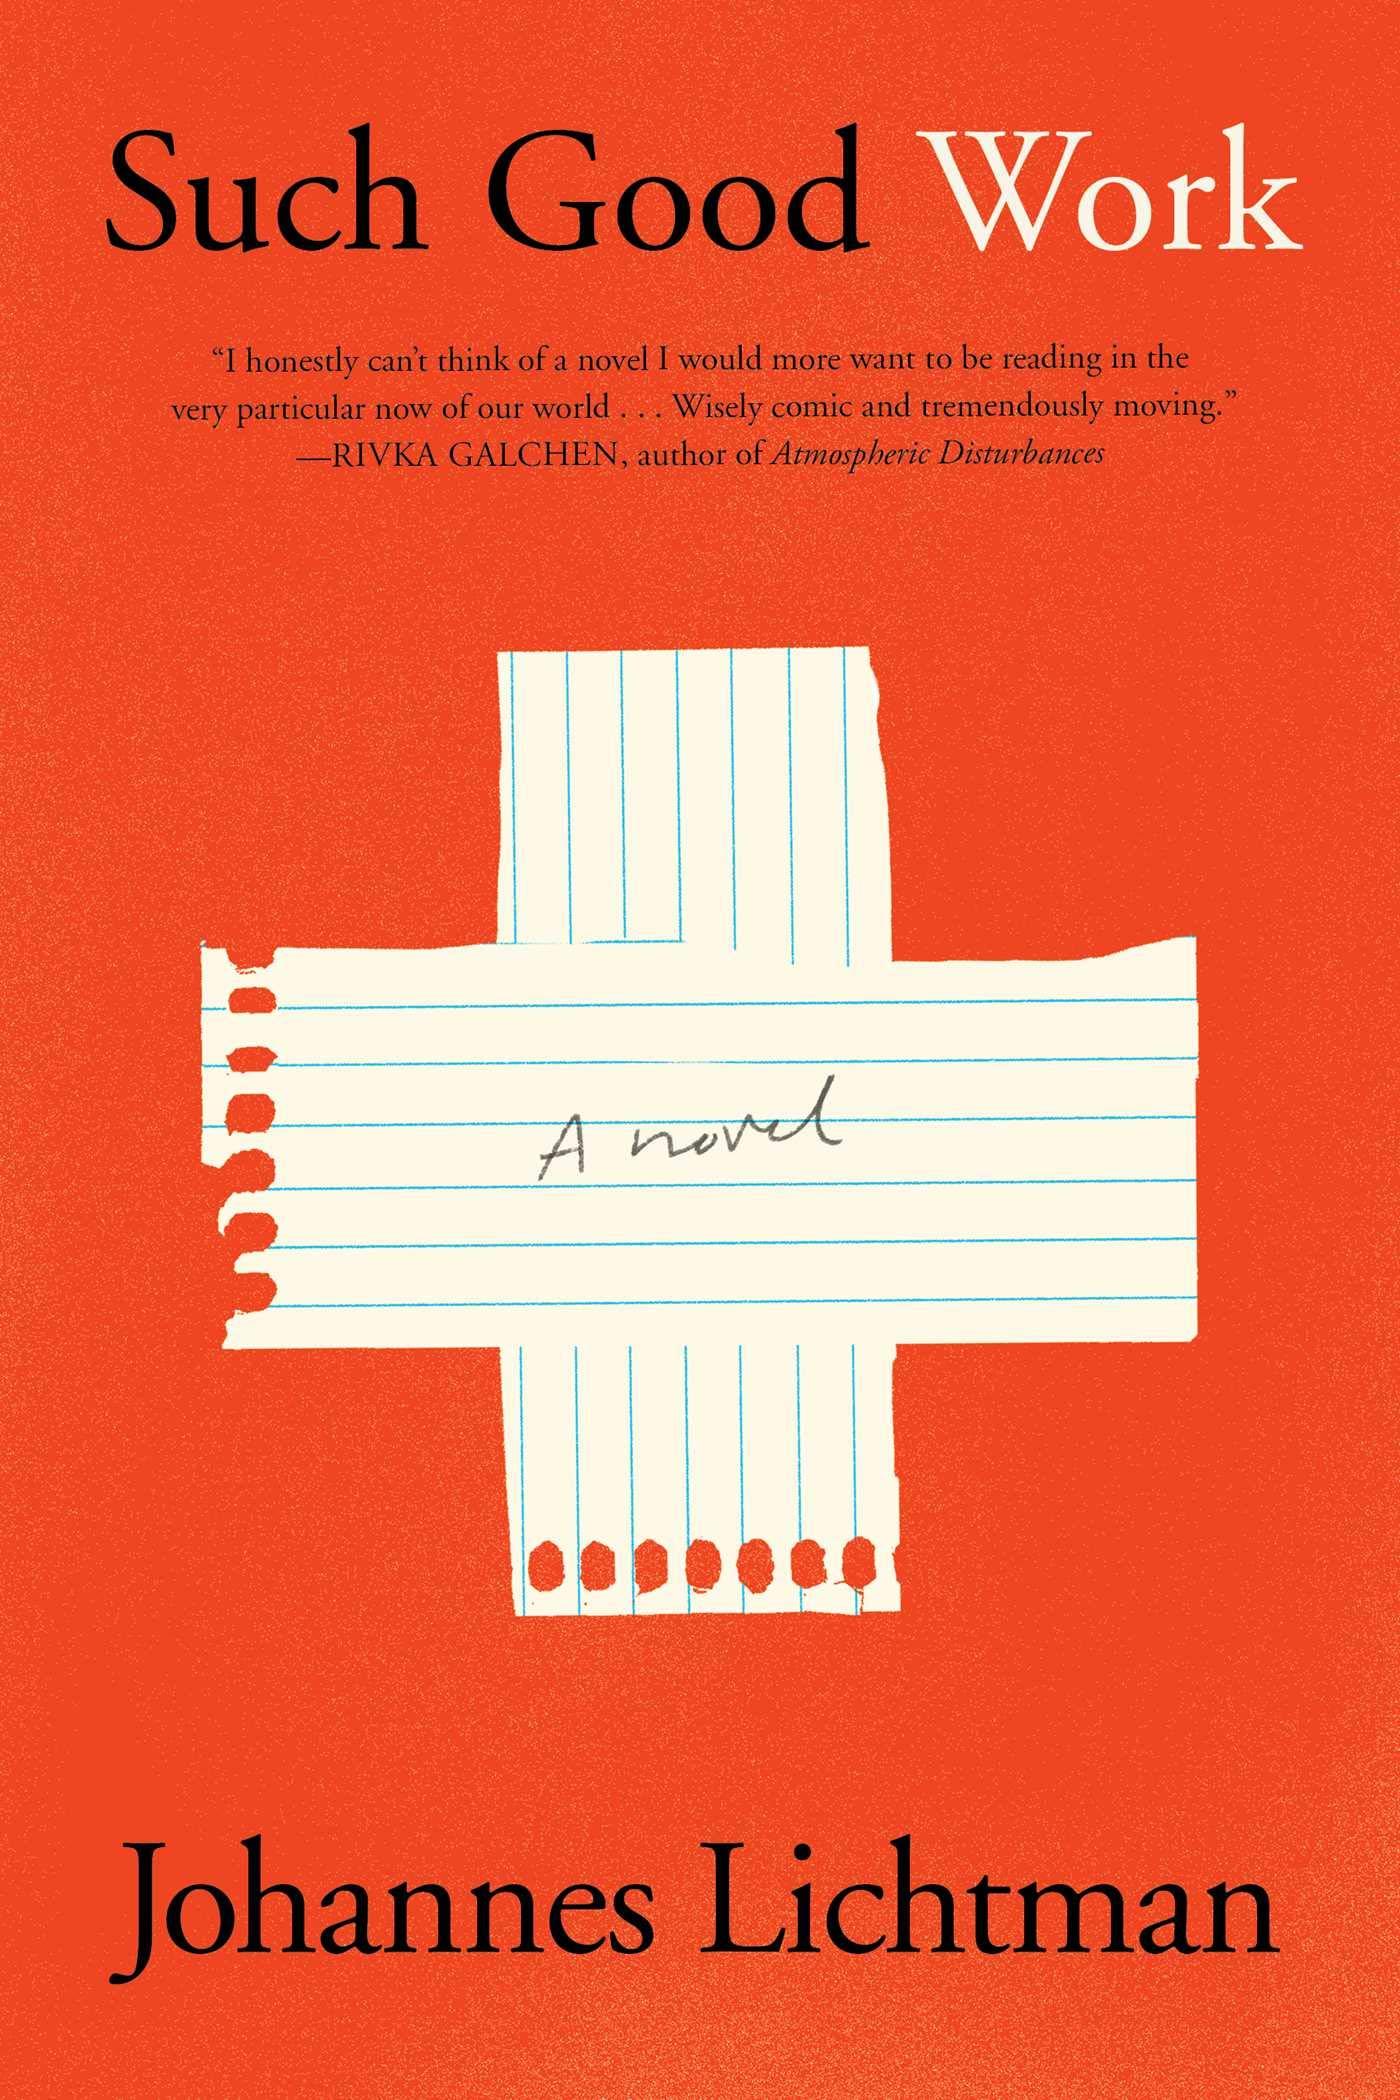 Such Good Work: A Novel